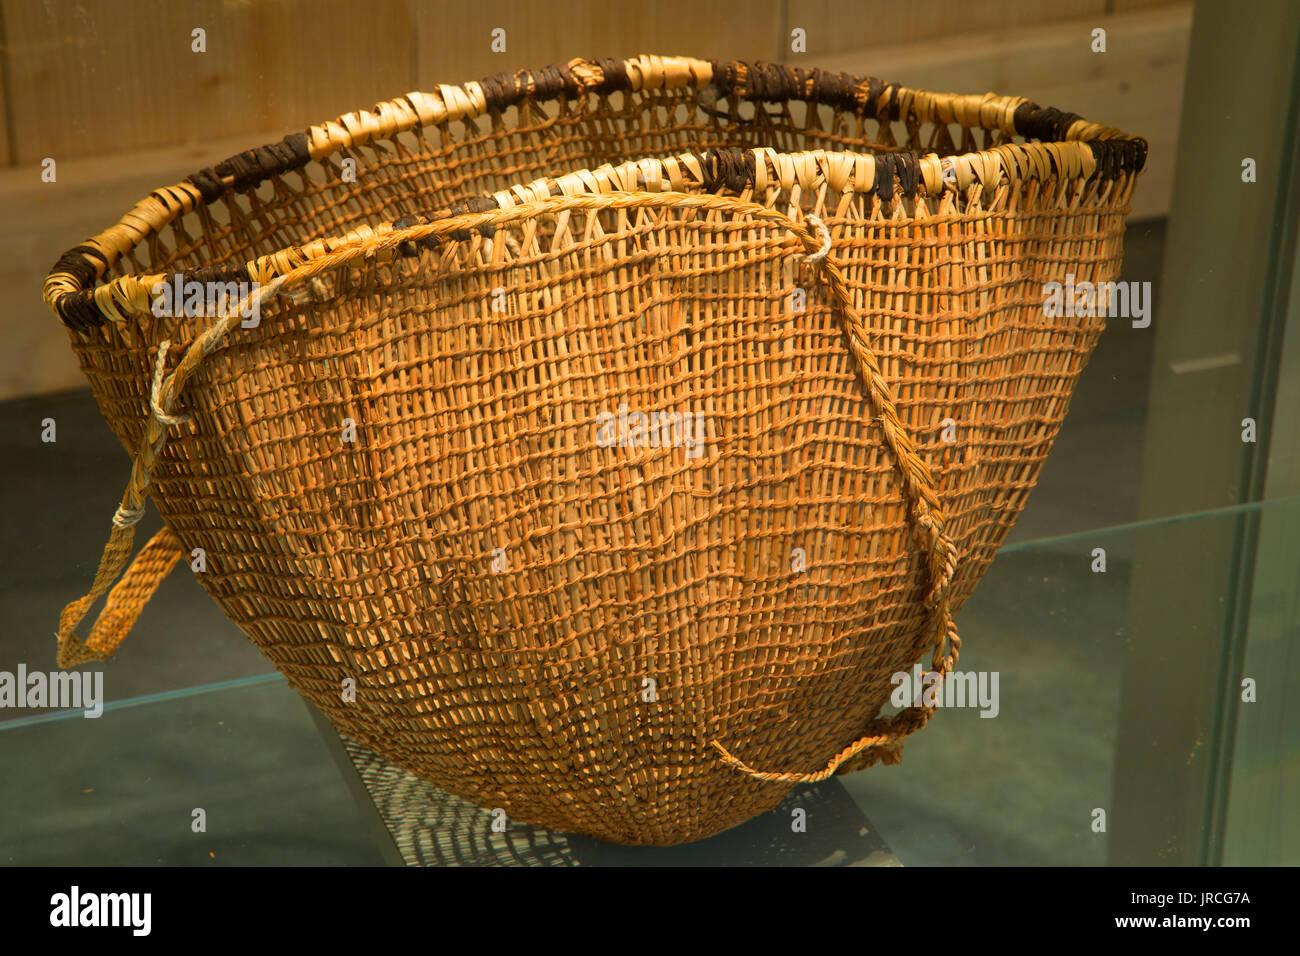 Burden basket, Coos History Museum, Coos Bay, Oregon - Stock Image